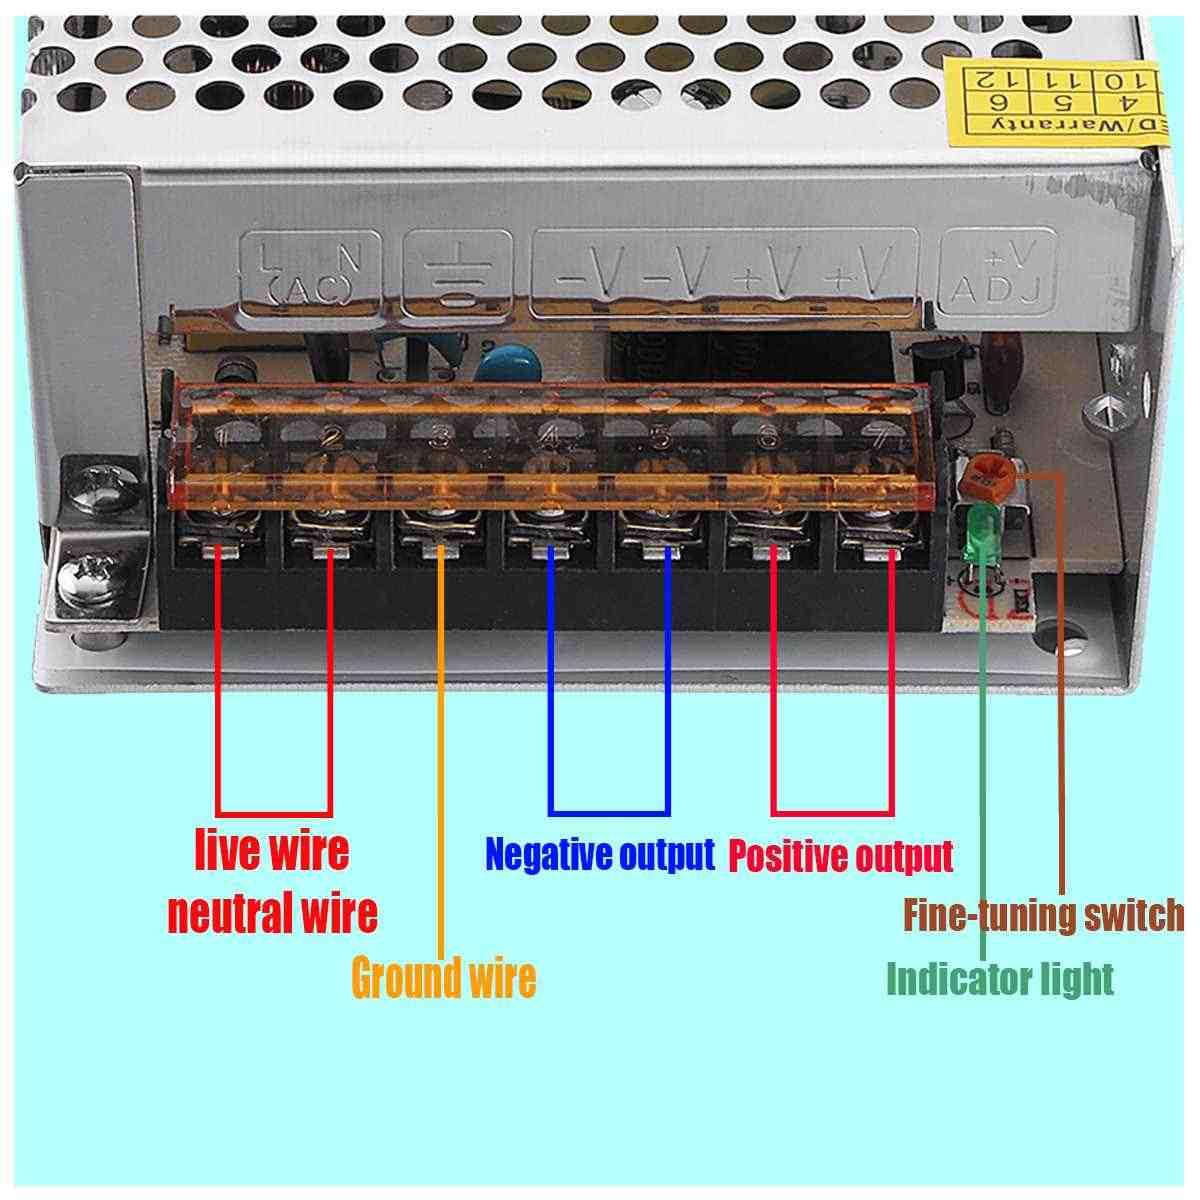 DC 12 V zasilacz impulsowy sterownik do taśmy LED Adapter 12/15/24/36/48/60 /72/100/120/150/180/200/240/300/400 W mocy dostaw